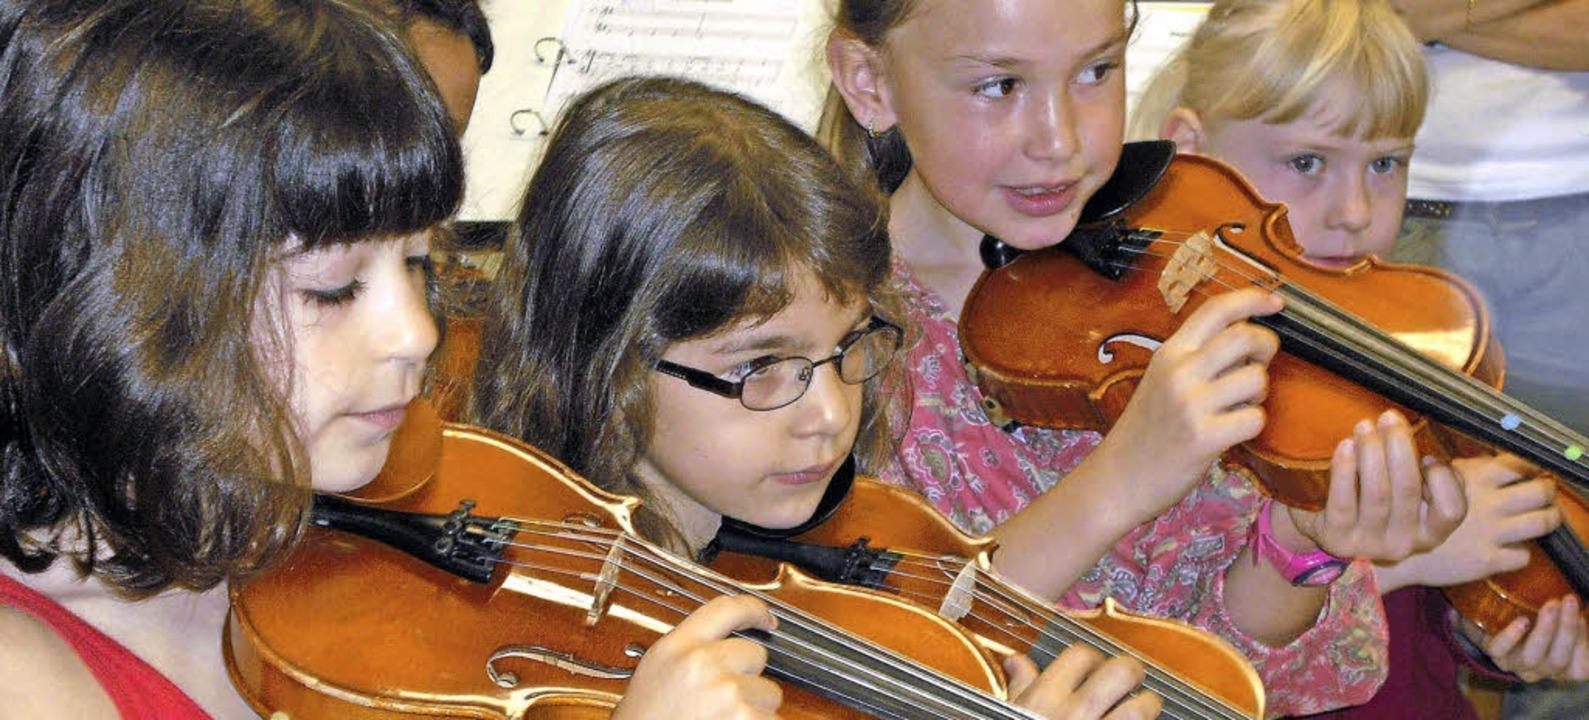 Früh übt sich: Die Musikschule hat für...- und Entwicklungsstufen ein Angebot.   | Foto: Archivfoto: Senf